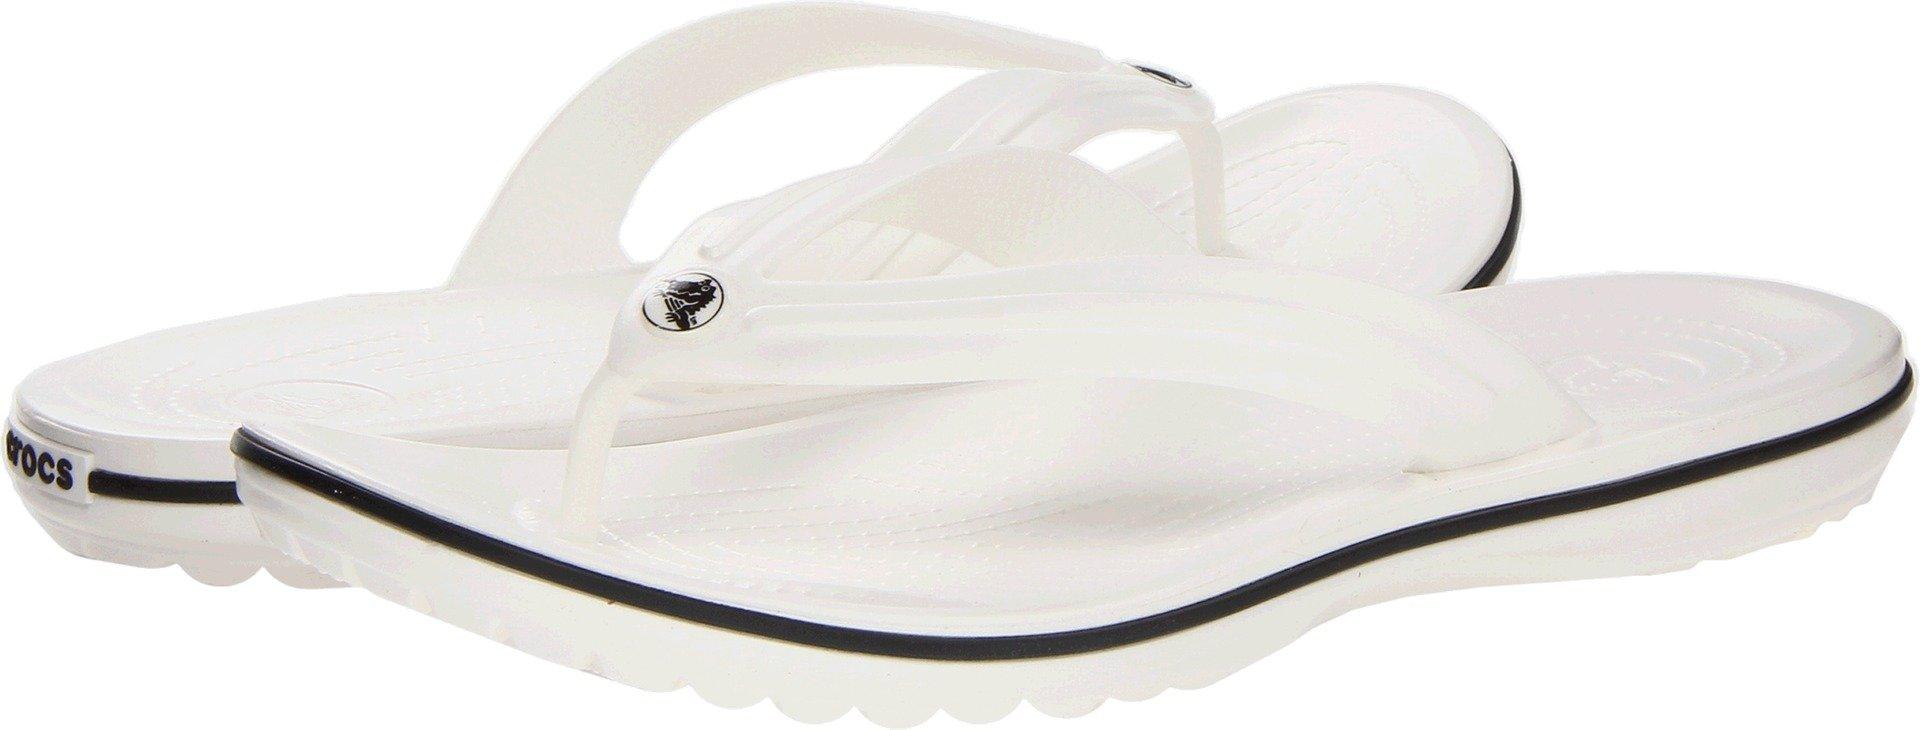 Crocs Unisex Crocband Flip-Flop, White, 7 US Men / 9 US Women